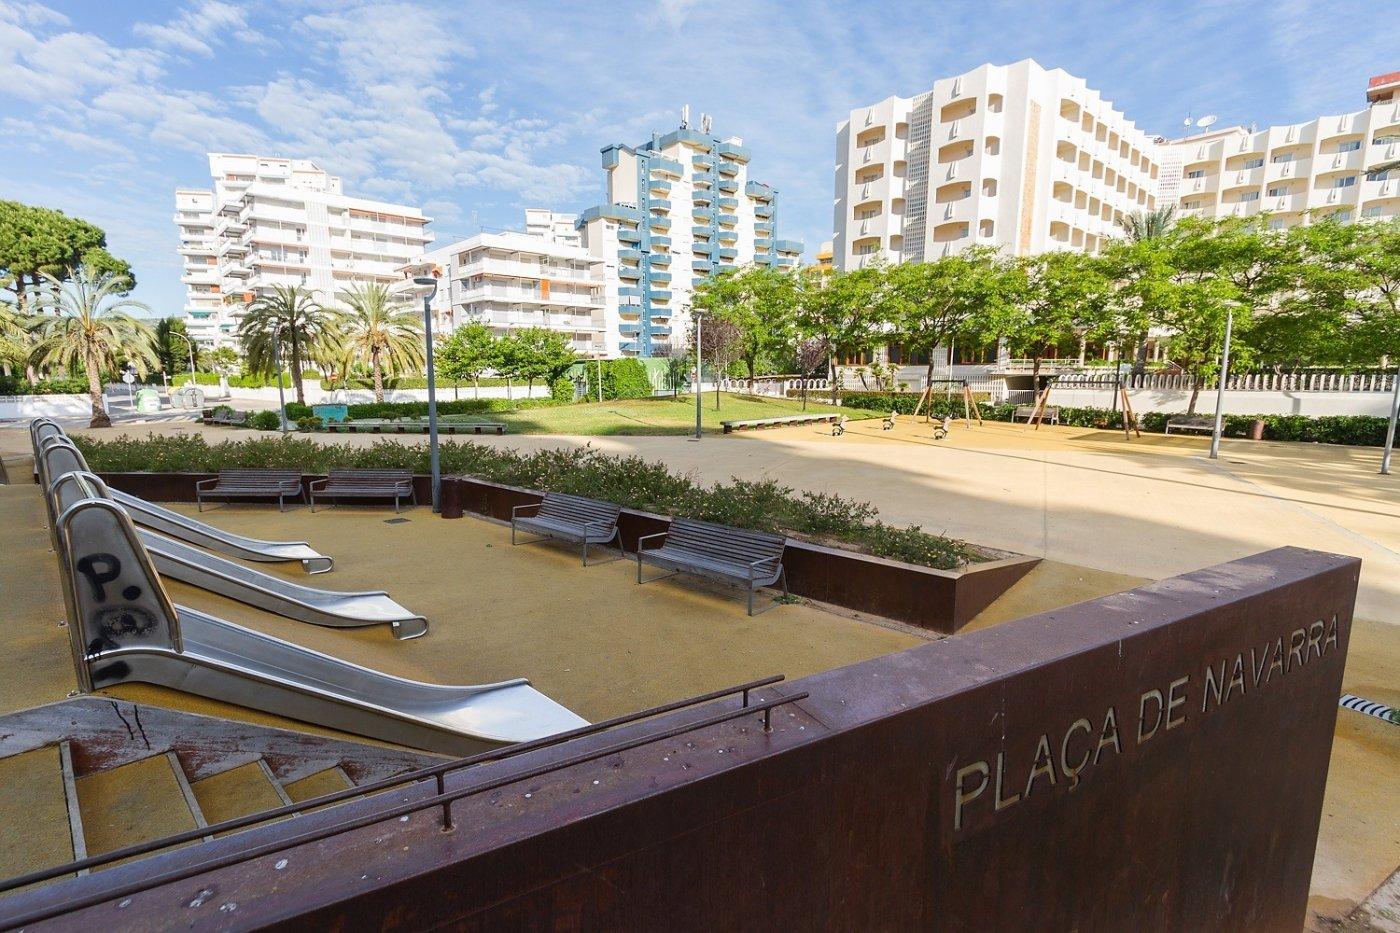 Apartamento en residencial tranquilo con parques, jardines, piscina comunitaria. - imagenInmueble22